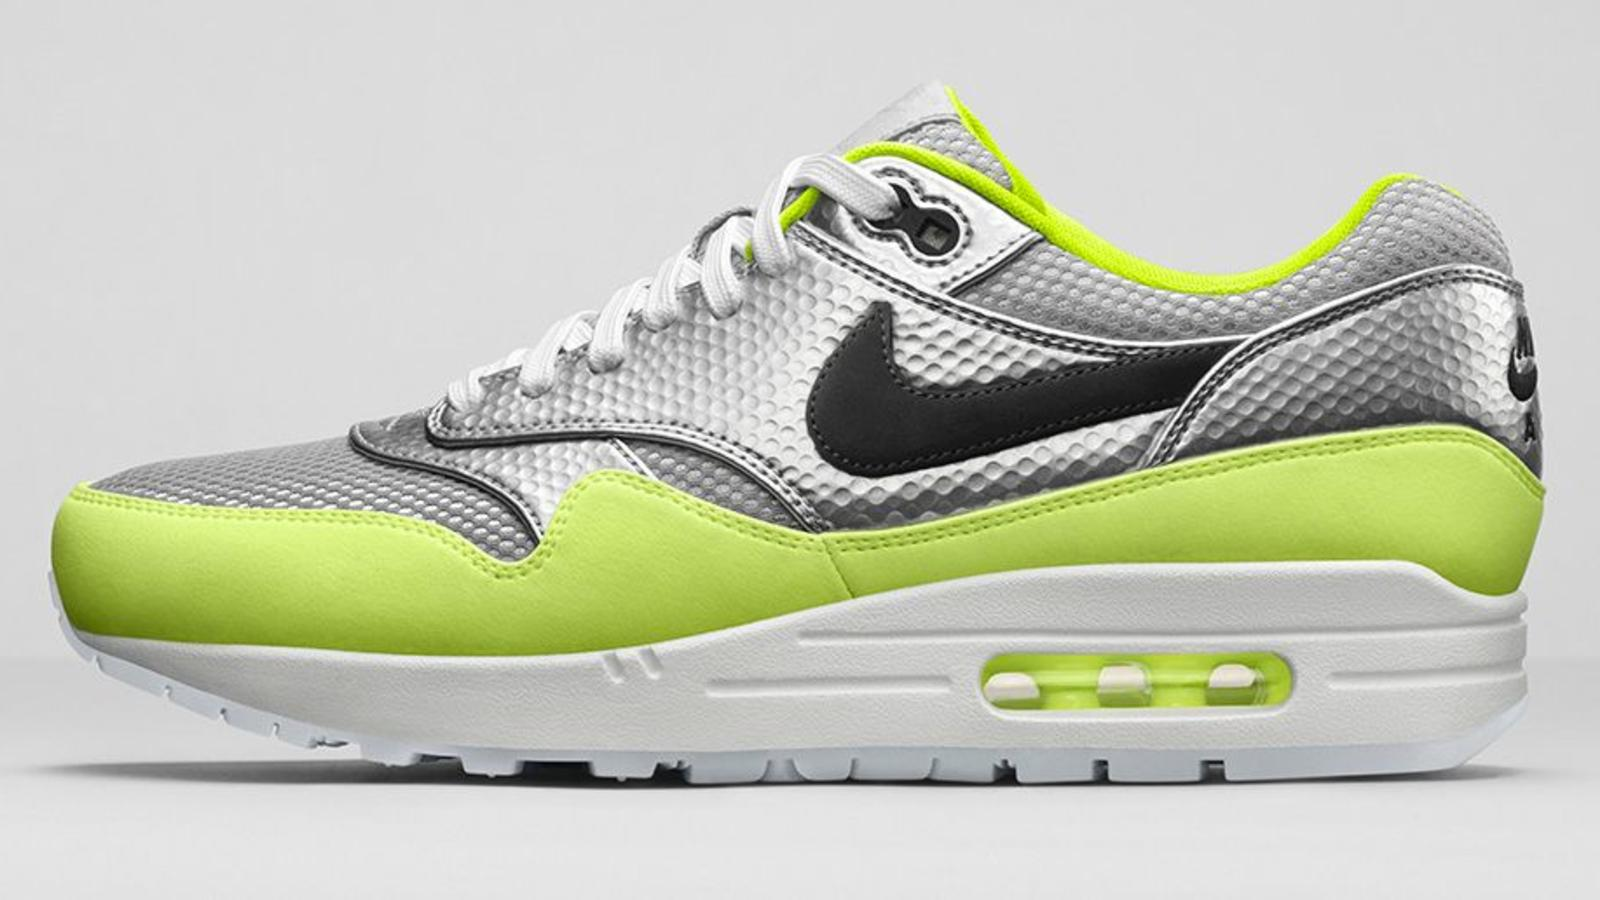 Mercurial Edição Air Max Busca Limitada 1 Inspiração Na Nike Para y0Nnvm8wO